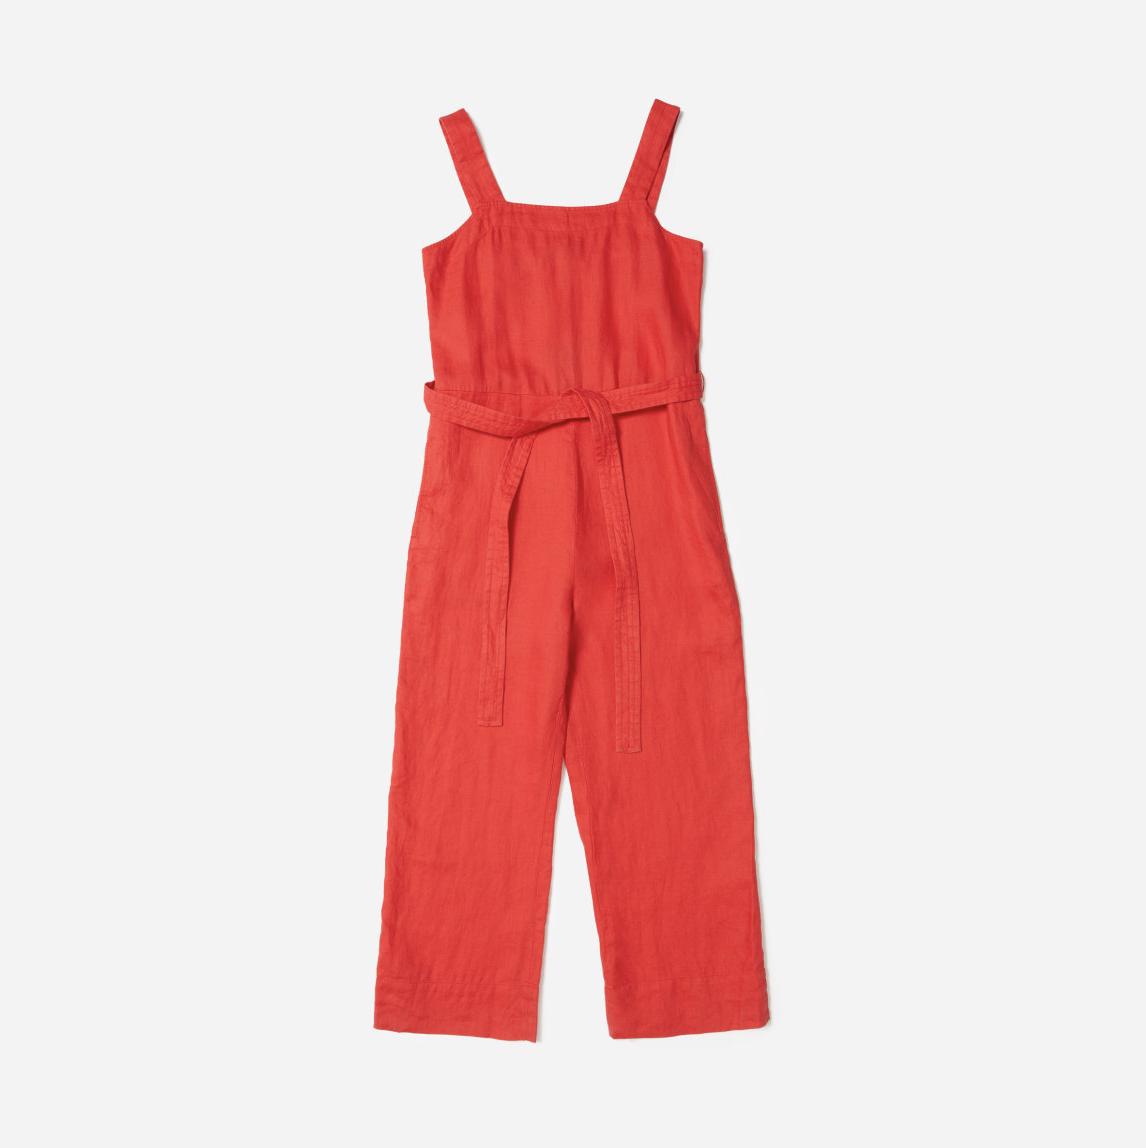 Everlane Linen Jumpsuit - Size 6